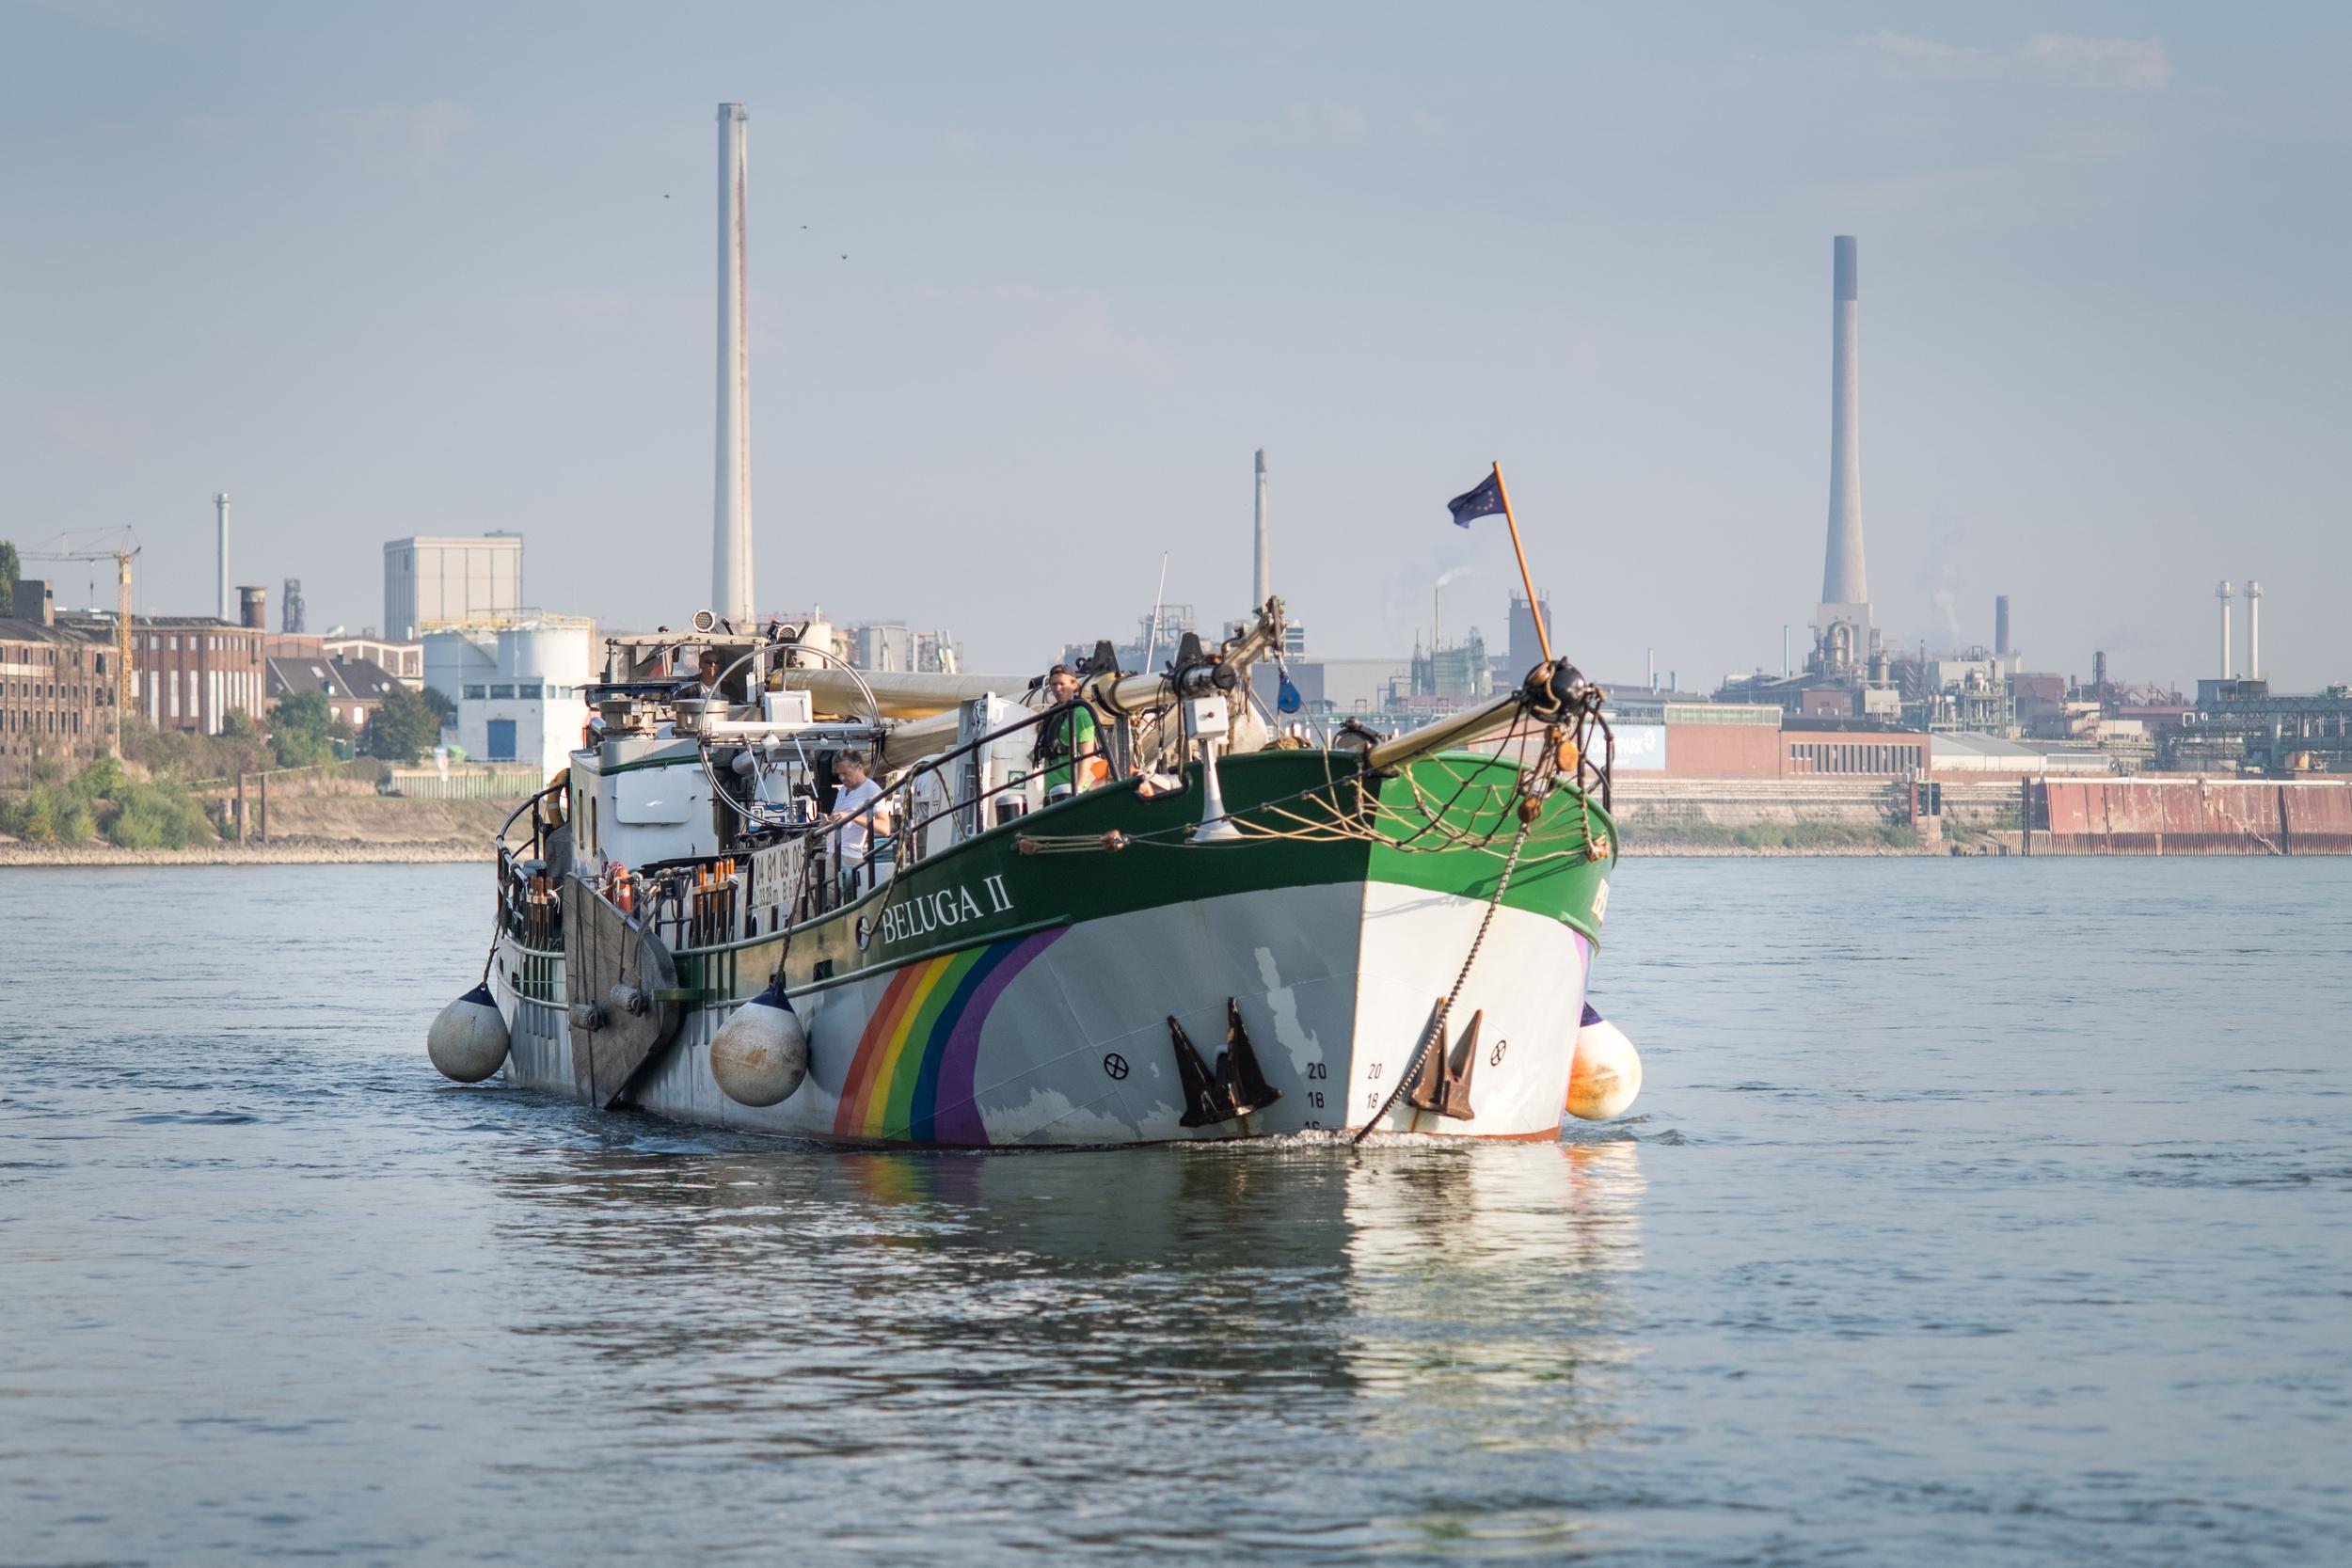 Mit dem Aktionsschiff Beluga II untersucht Greenpeace die Verschmutzung mit Mikroplastik im Rhein zwischen Duisburg und Koblenz. Wissenschaftler und Wissenschaftlerinnen nehmen Wasserproben und Sedimentproben, sieben Mikroplastik aus und analysieren dieses auf die chemische Zusammensetzung in einem Labor auf dem Schiff.